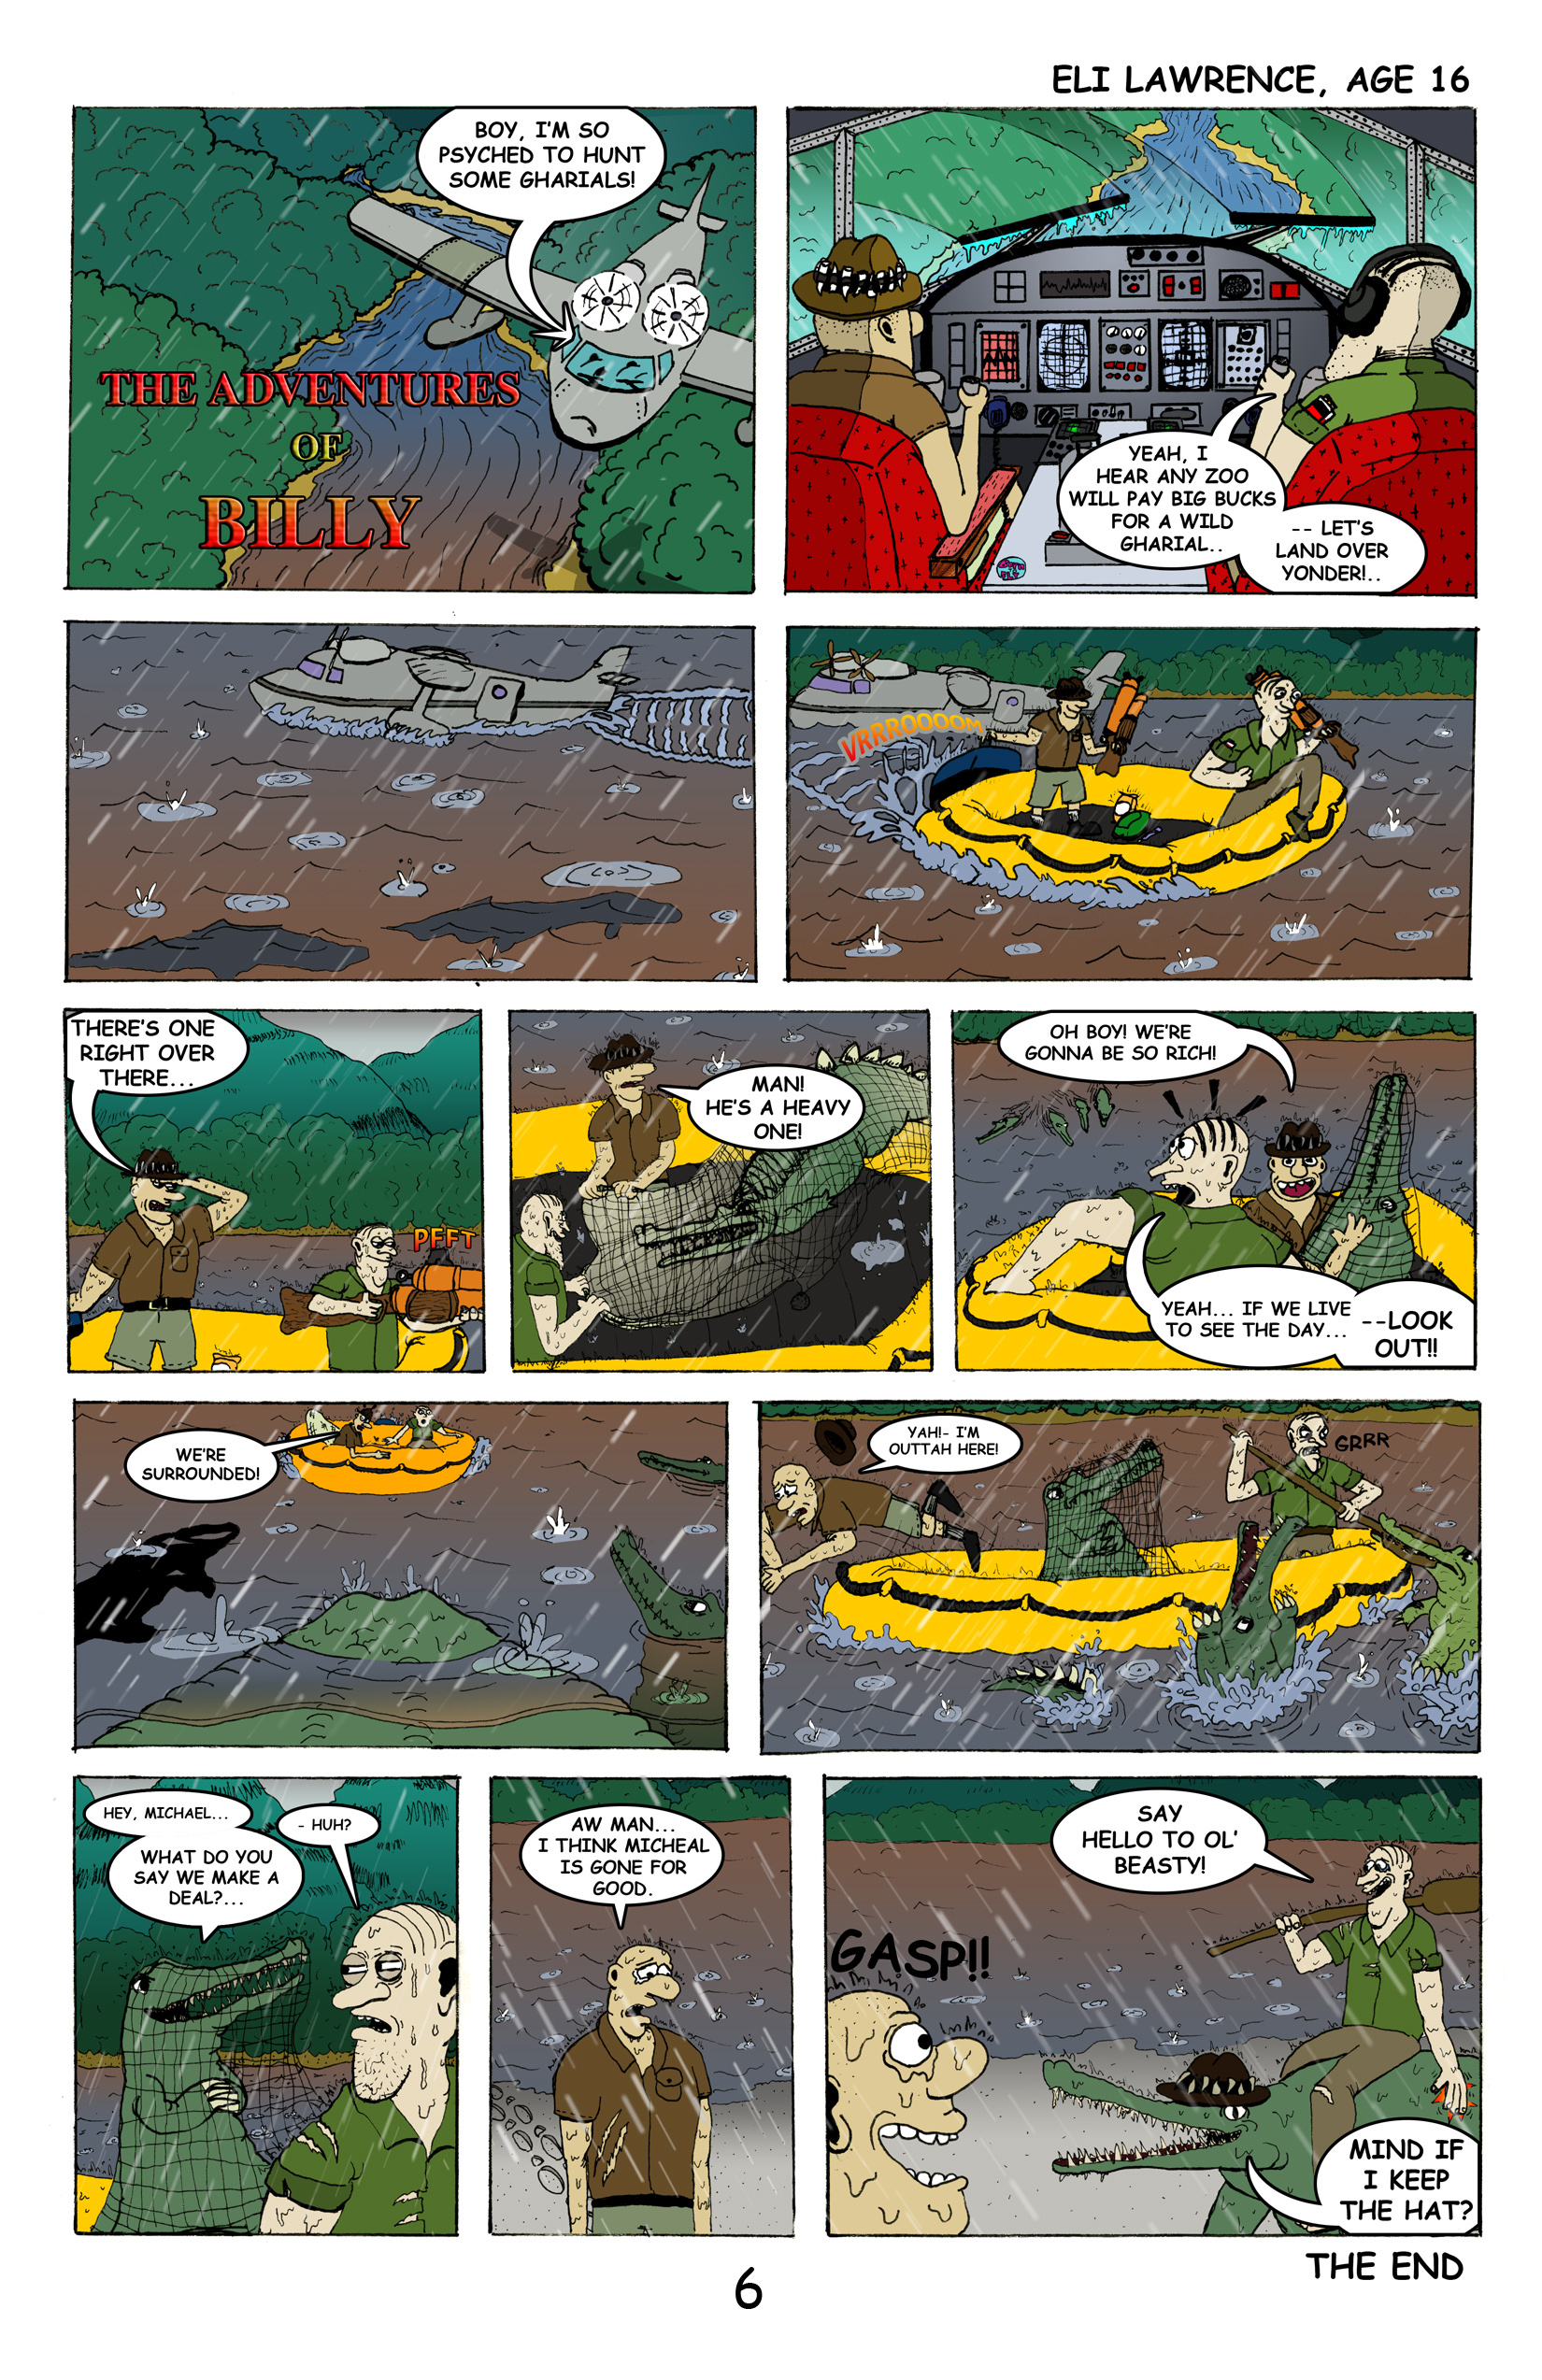 pg6.jpg